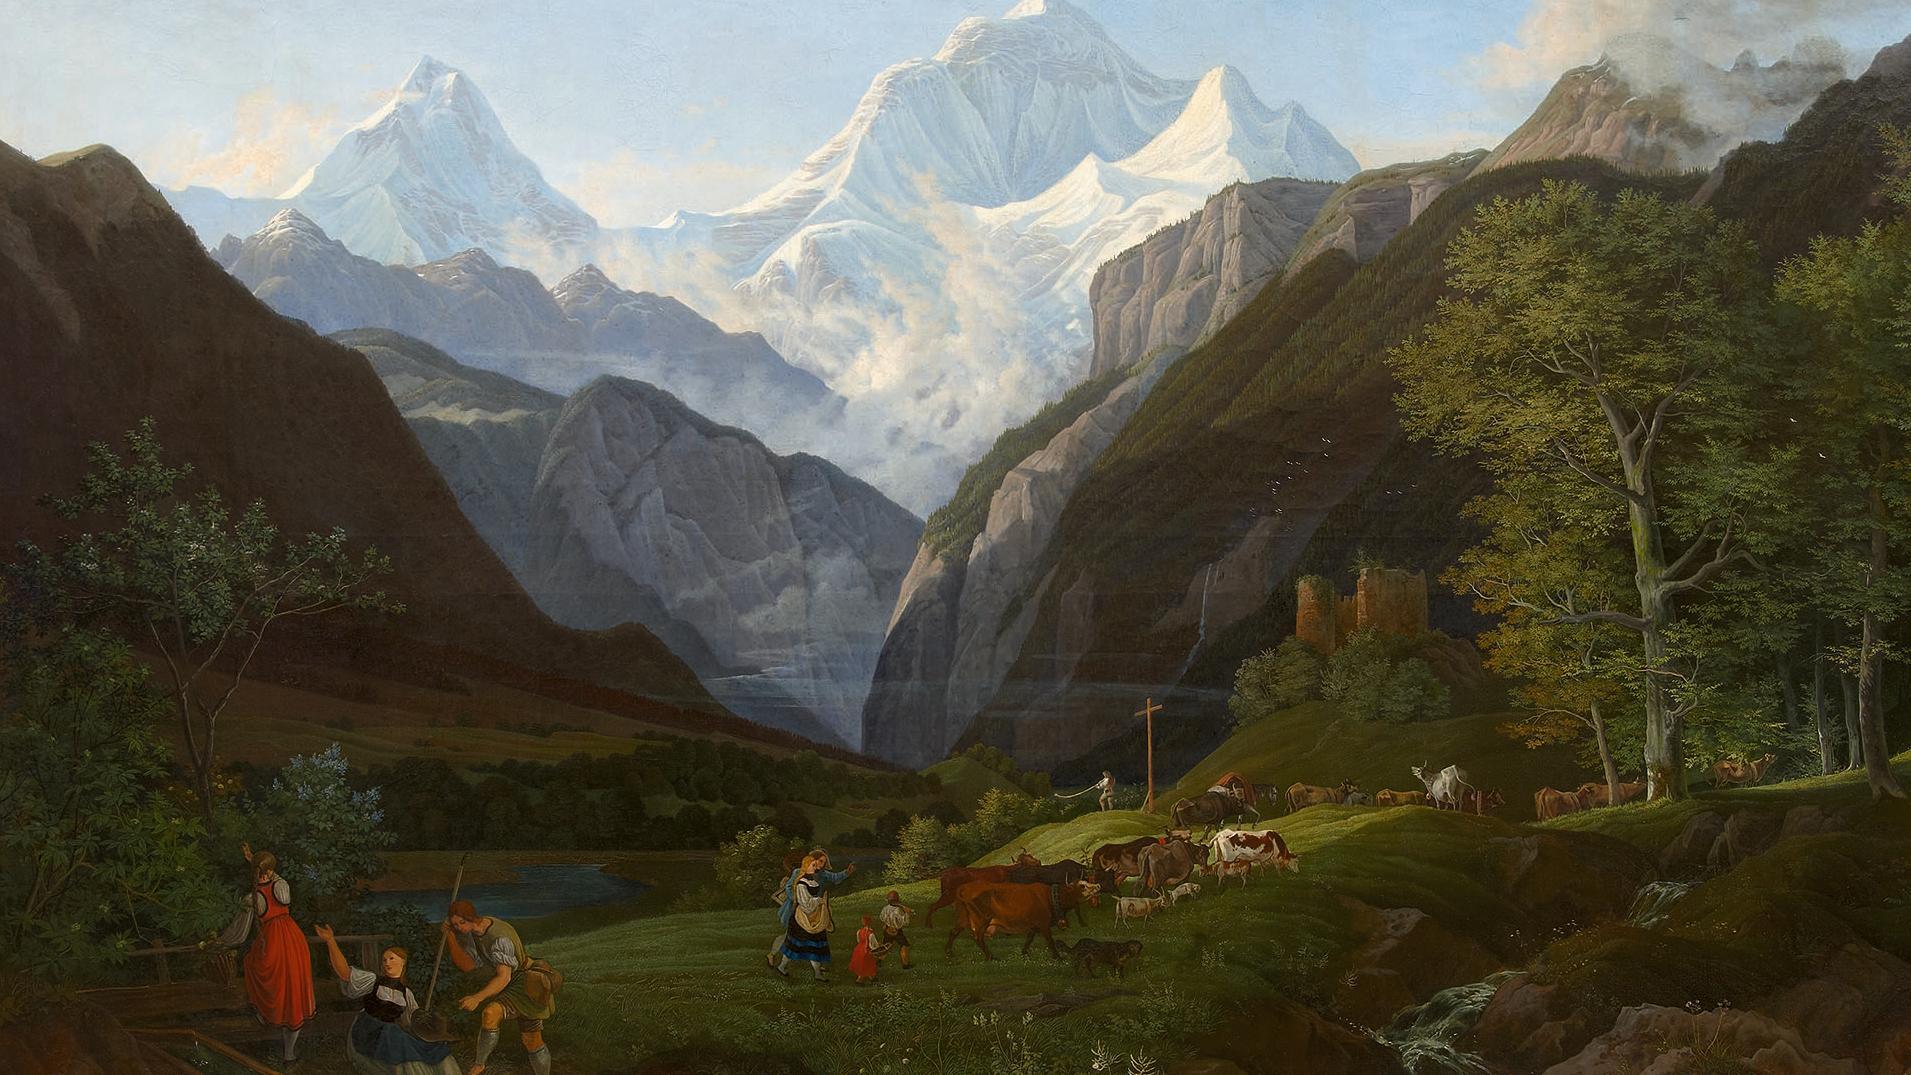 Gemälde einer Alpenlandschaft mit Bauern im Vordergrund